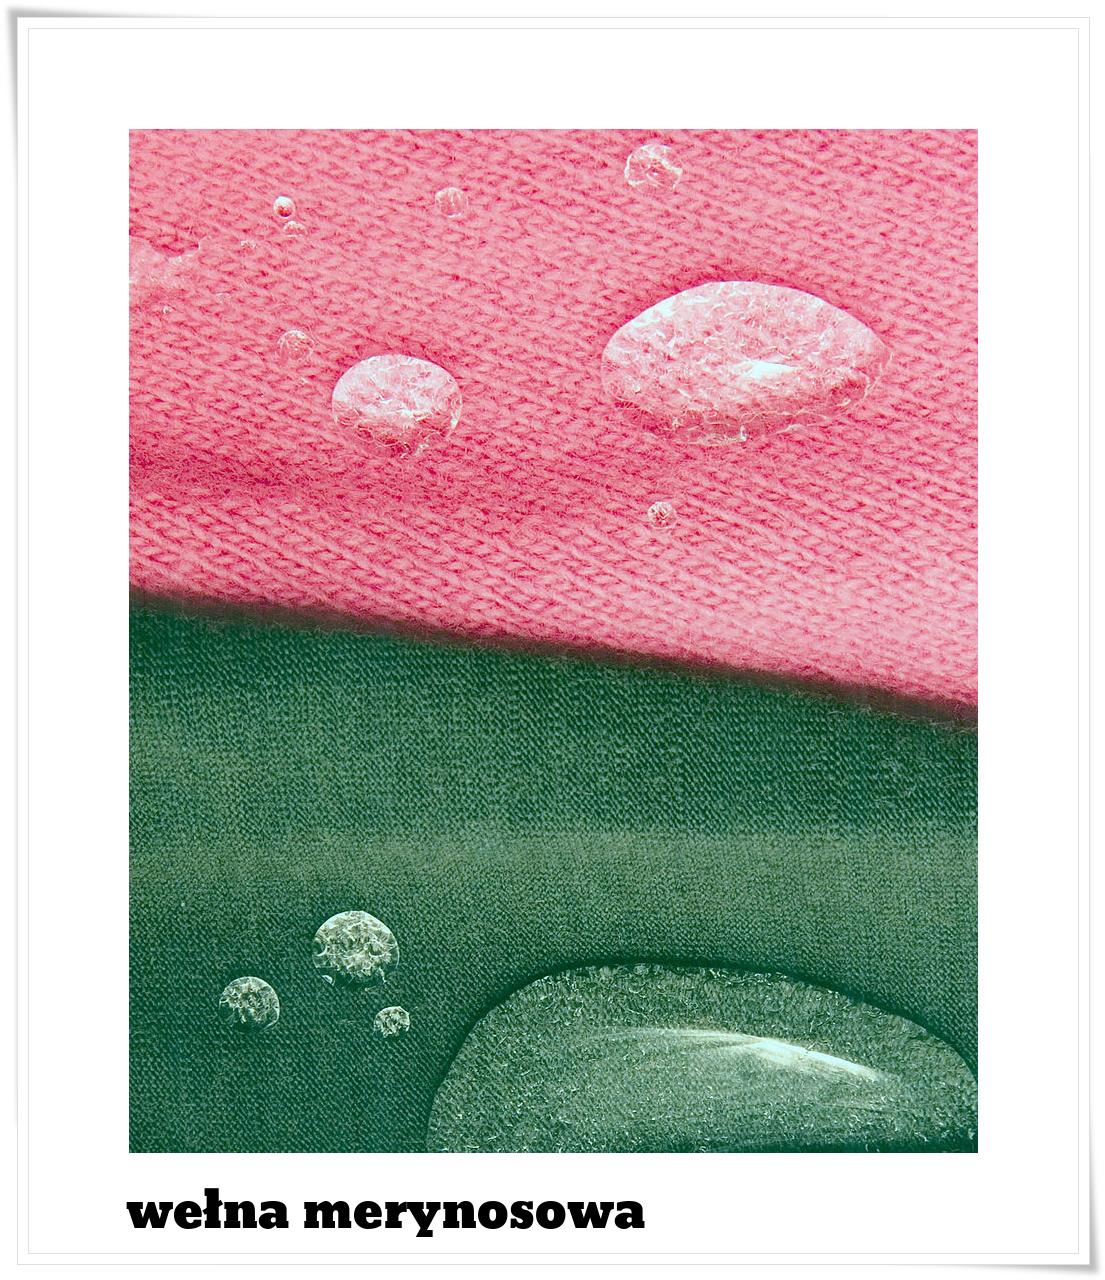 materiały z wełny merynosowej fot David McClenaghan